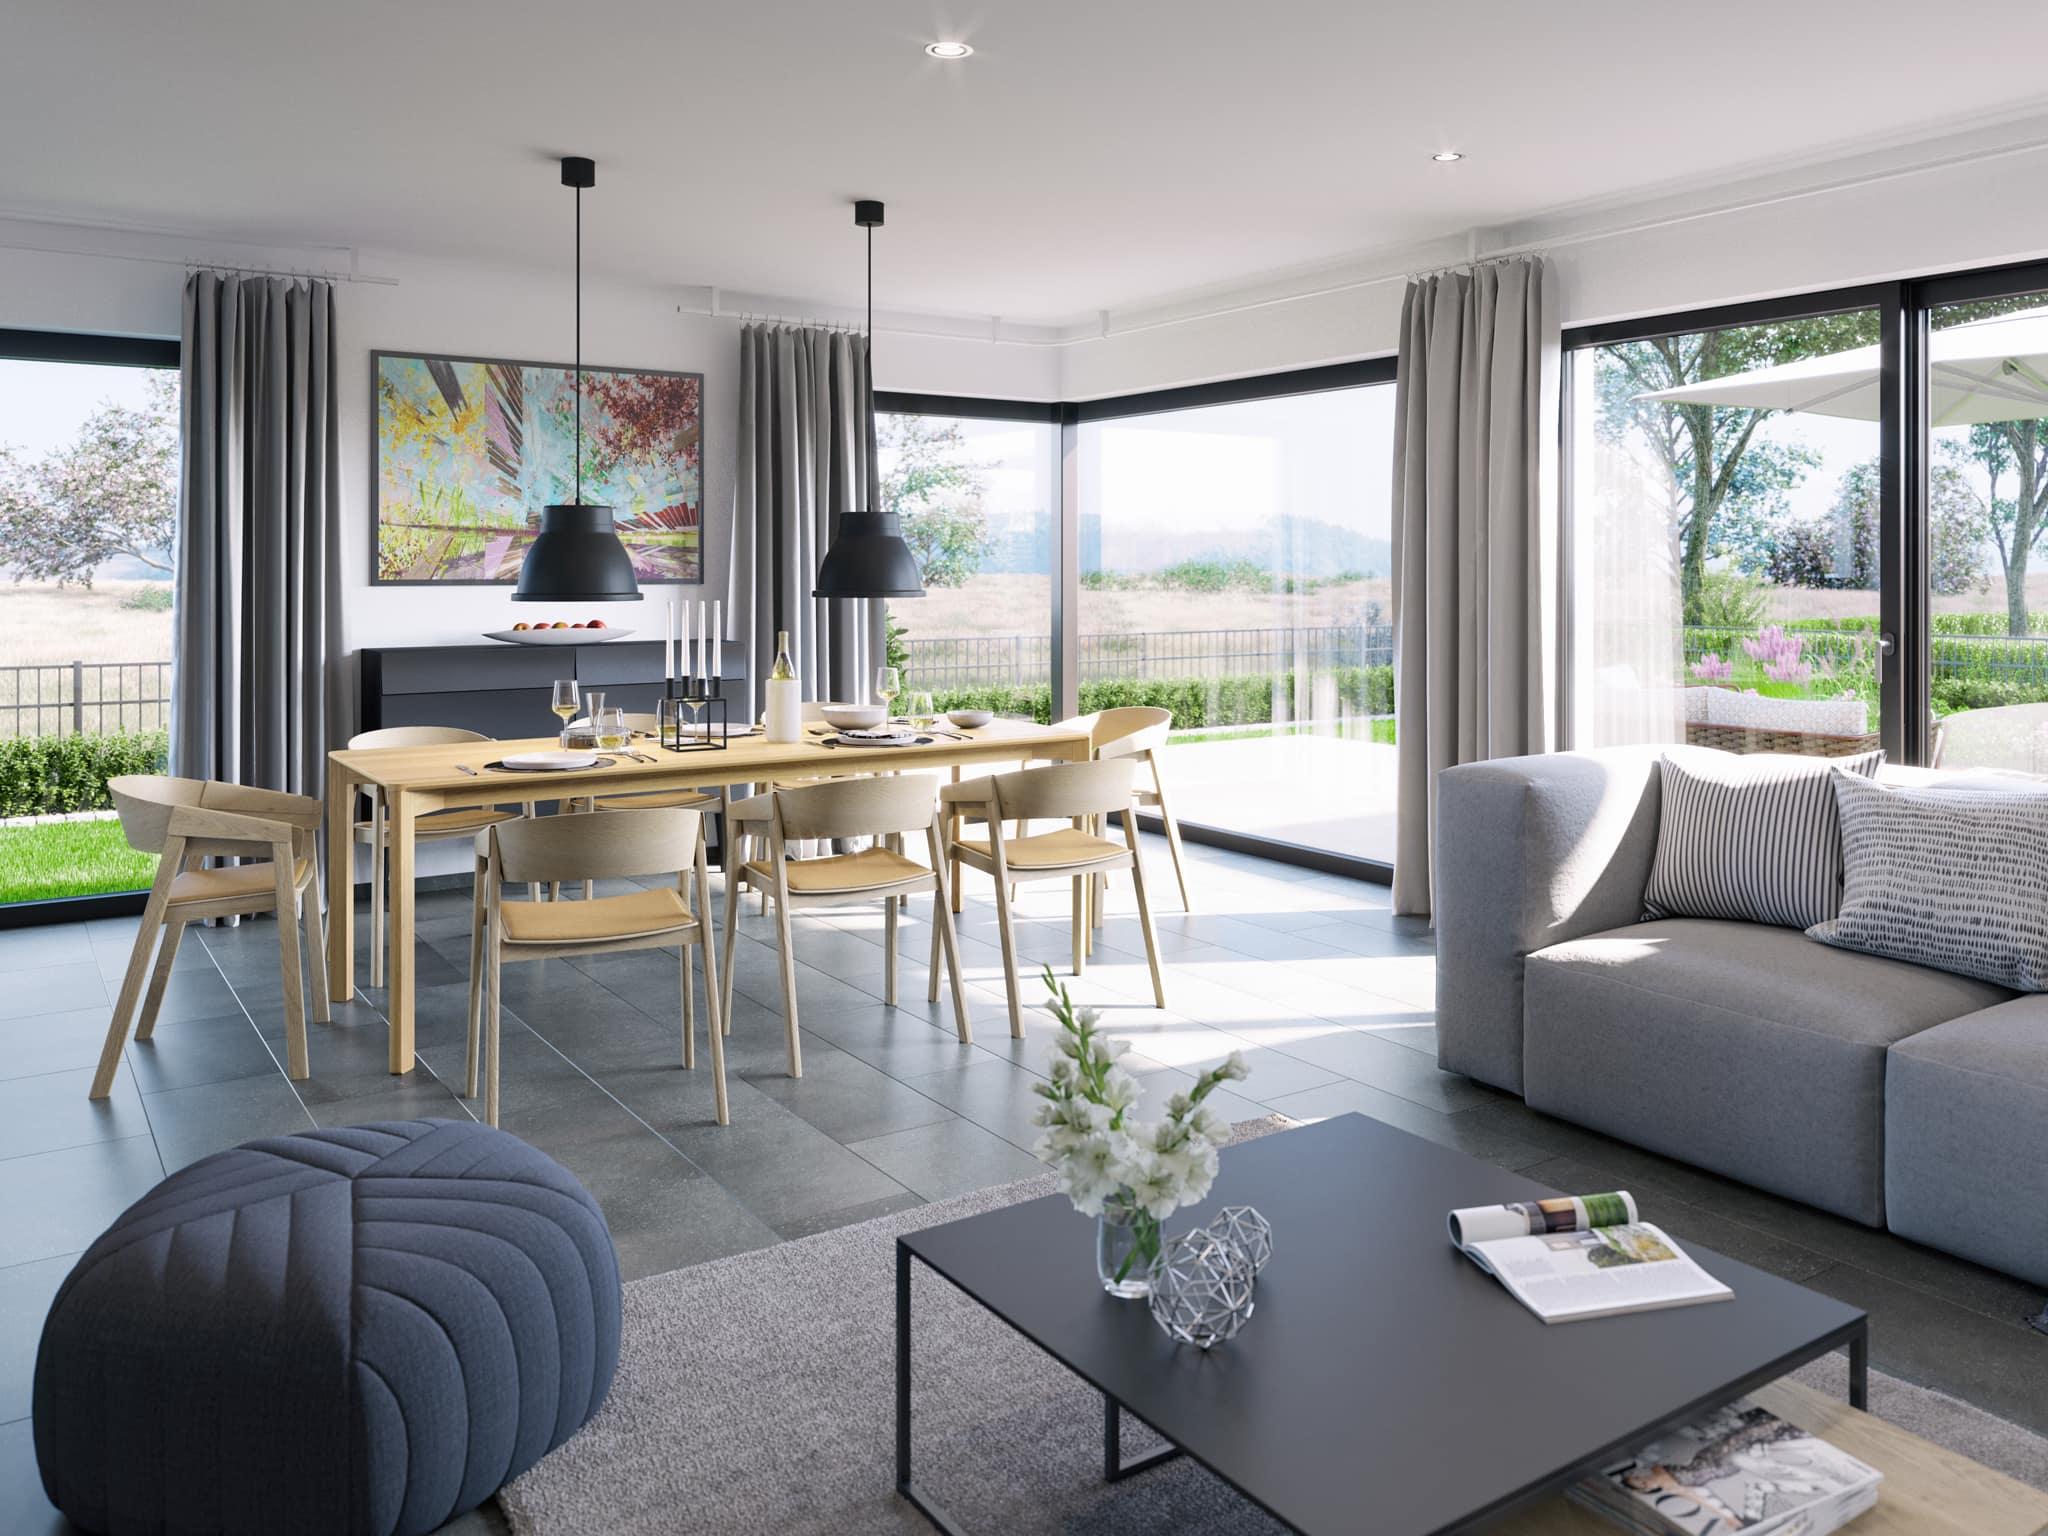 Wohnzimmer Ideen - Doppelhaus innen Fertighaus Bien Zenker CELEBRATION 139 V5 - HausbauDirekt.de